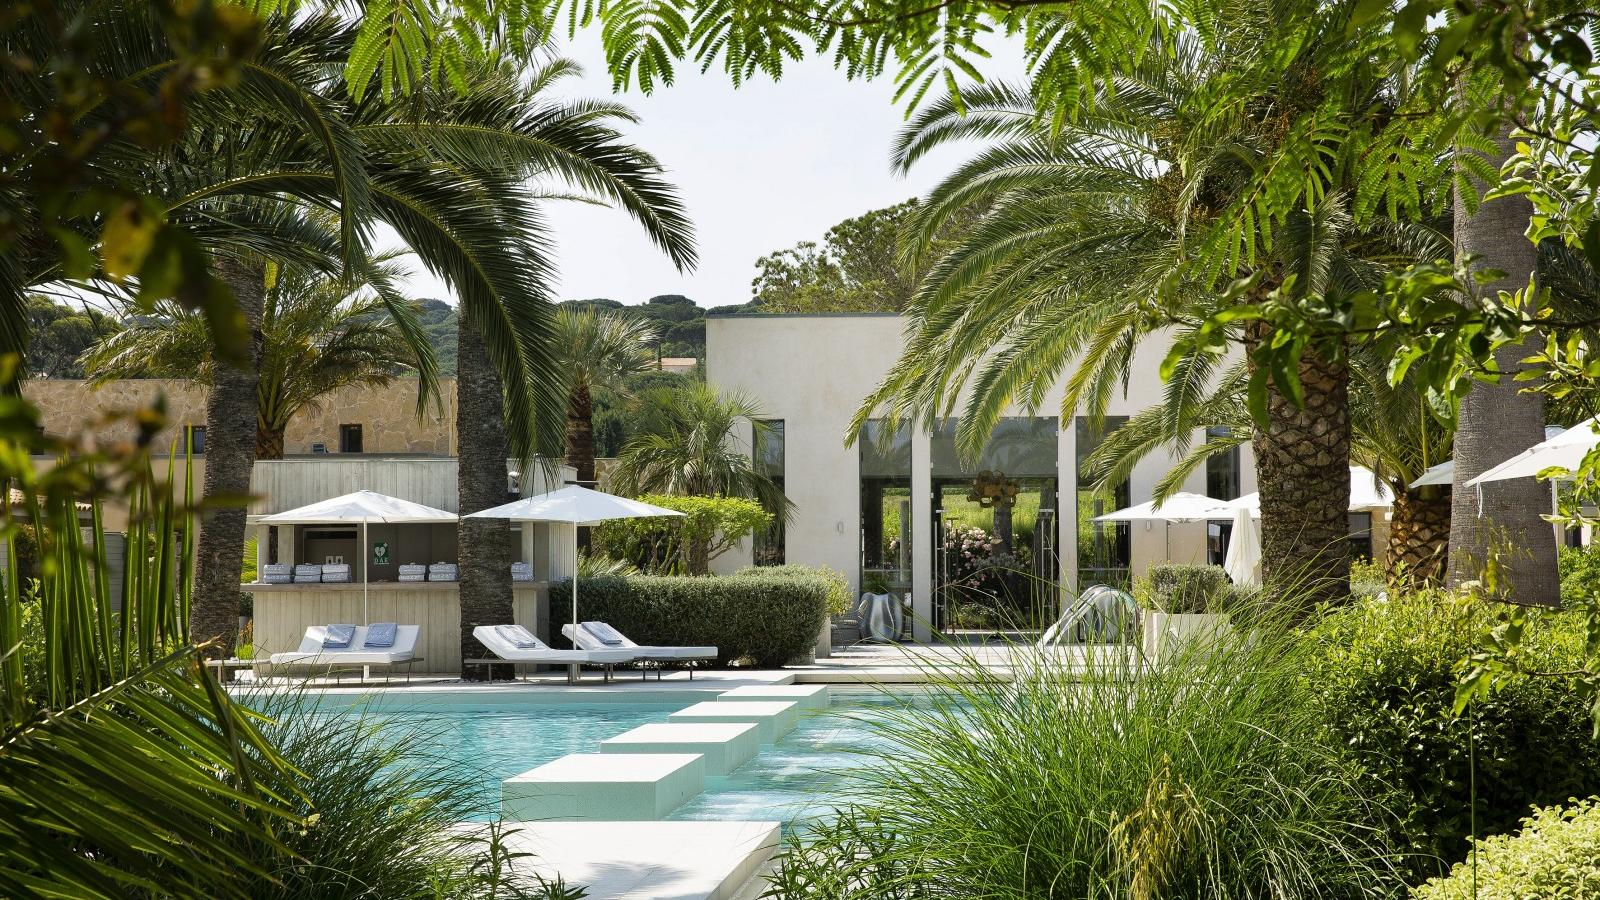 Sezz Saint-Tropez - 4th best luxury hotel in France